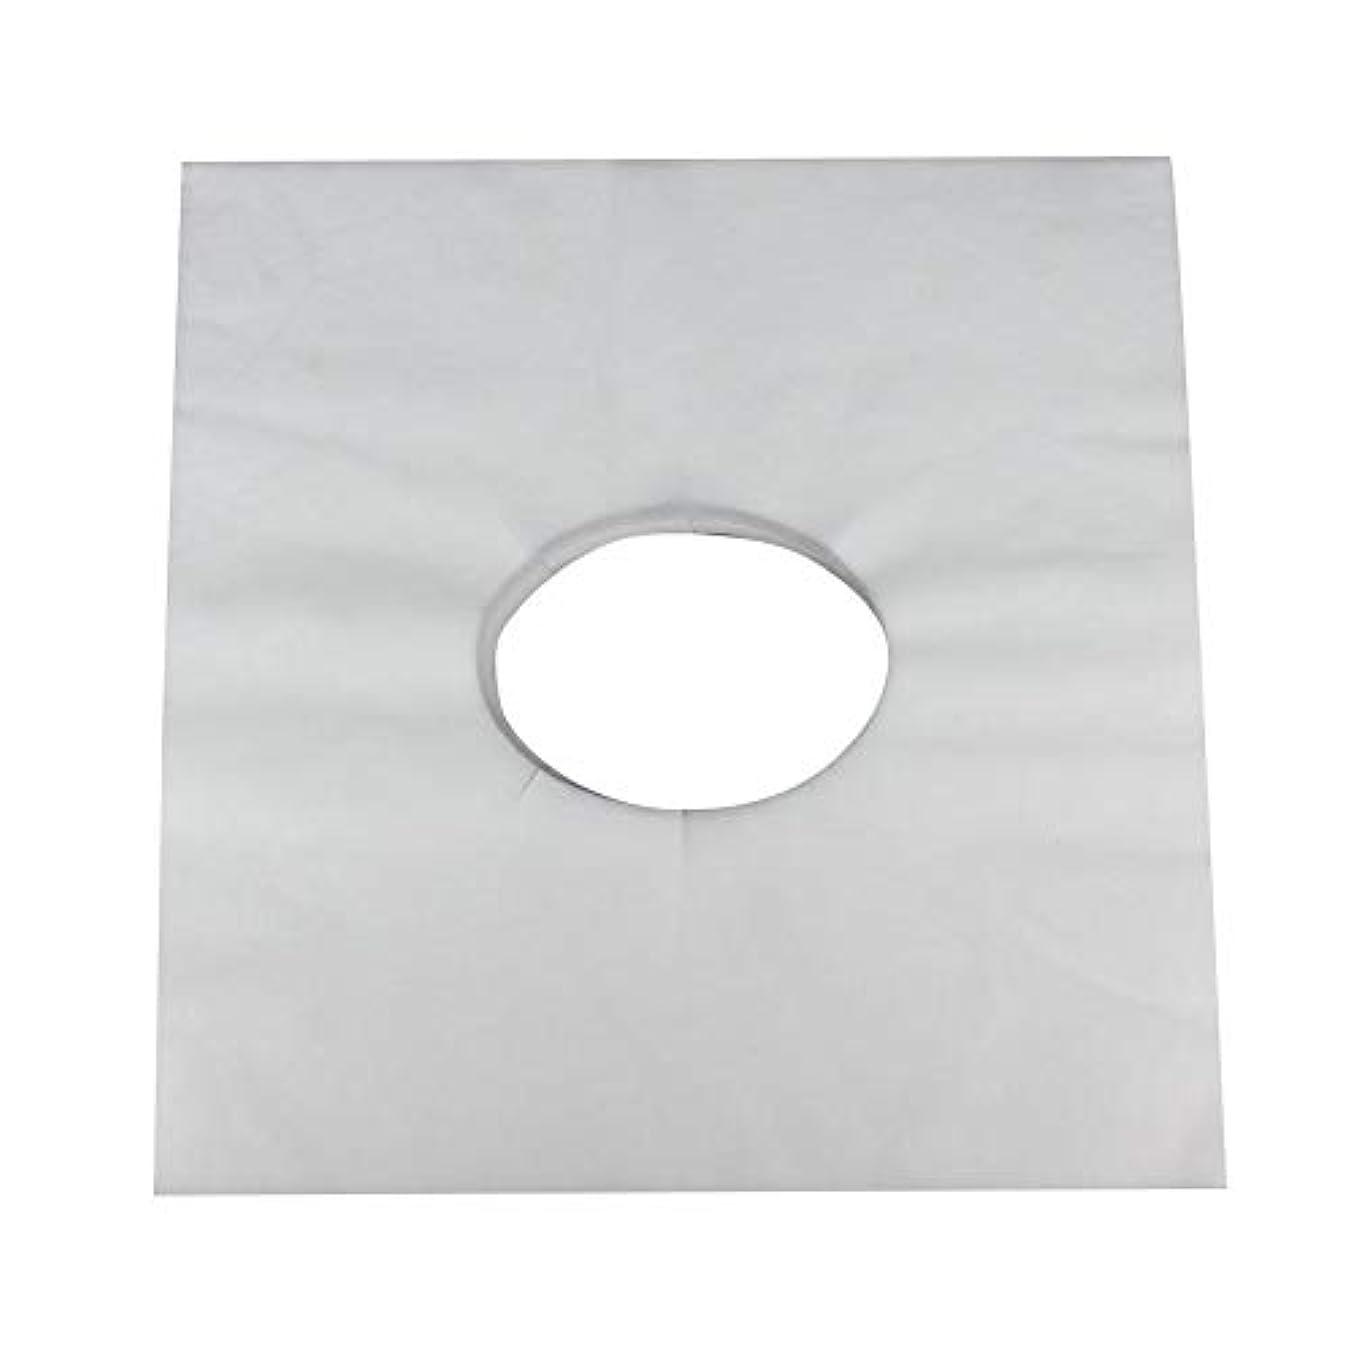 下線贈り物行商マッサージのための使い捨て可能な美容院のベッドの表面穴カバー不織布マッサージテーブル枕カバー、100個(白)